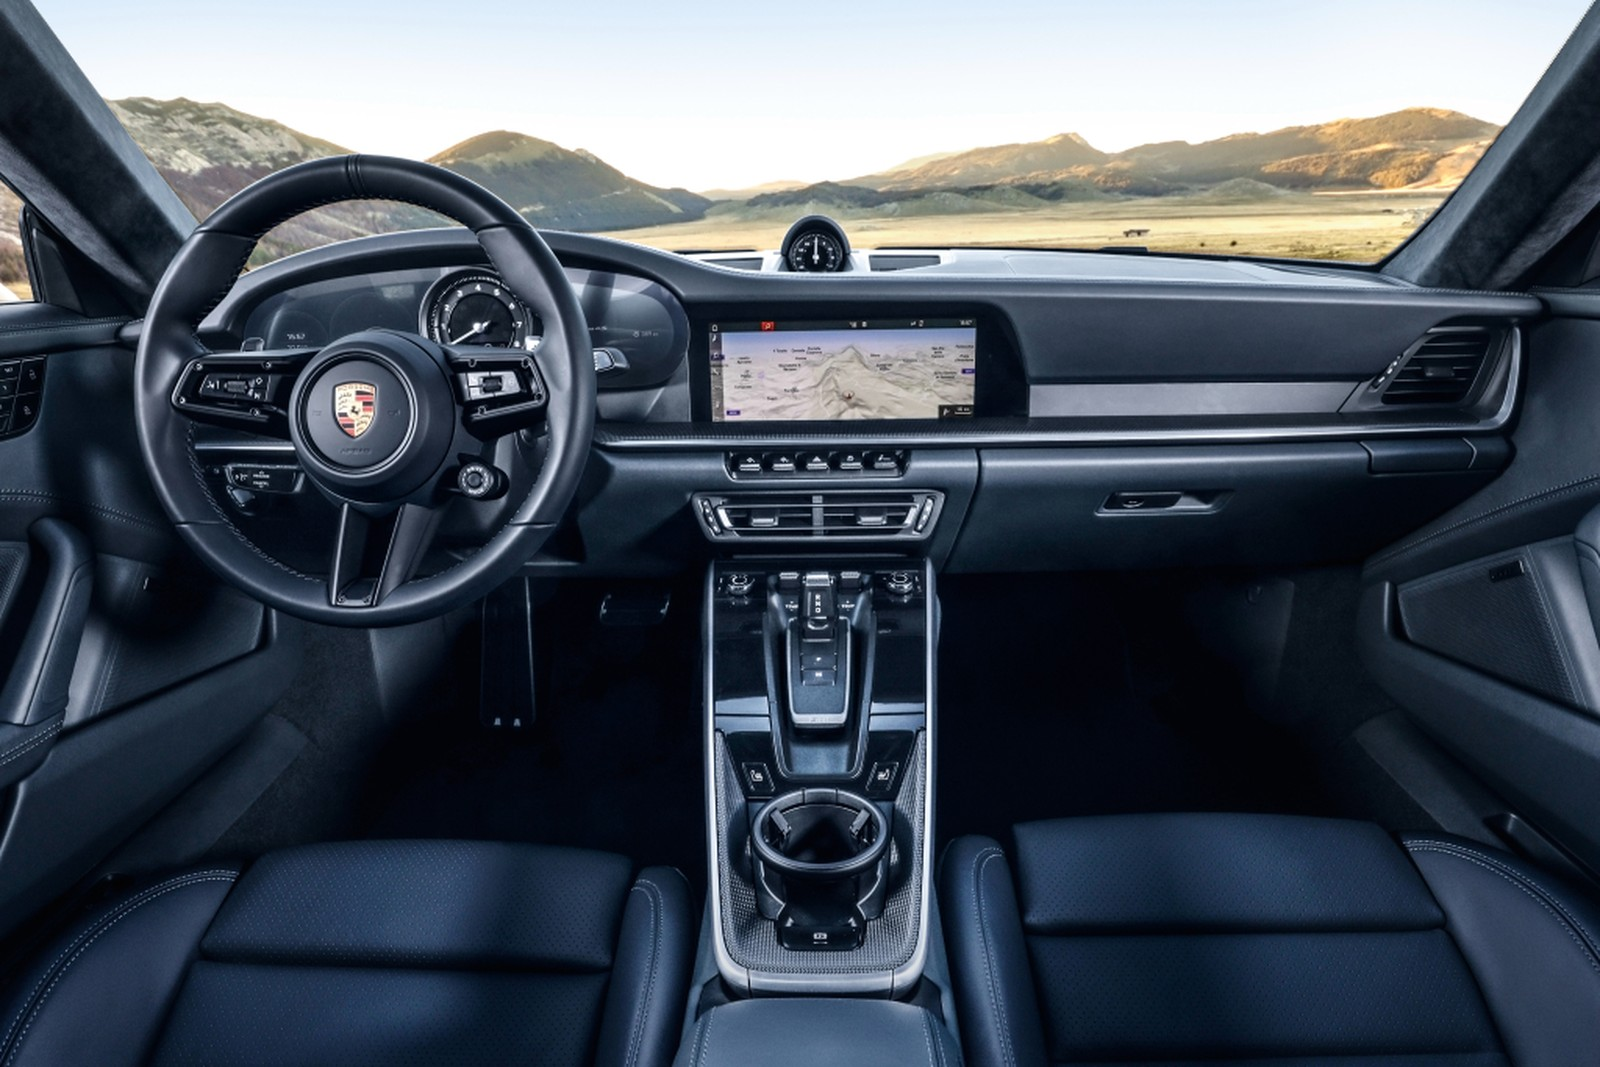 A oitava geração do Porsche 911 já tem data para chegar ao Brasil. Em maio, duas versões serão importadas e vendidas por cerca de R$ 670 e R$ 700 mil.